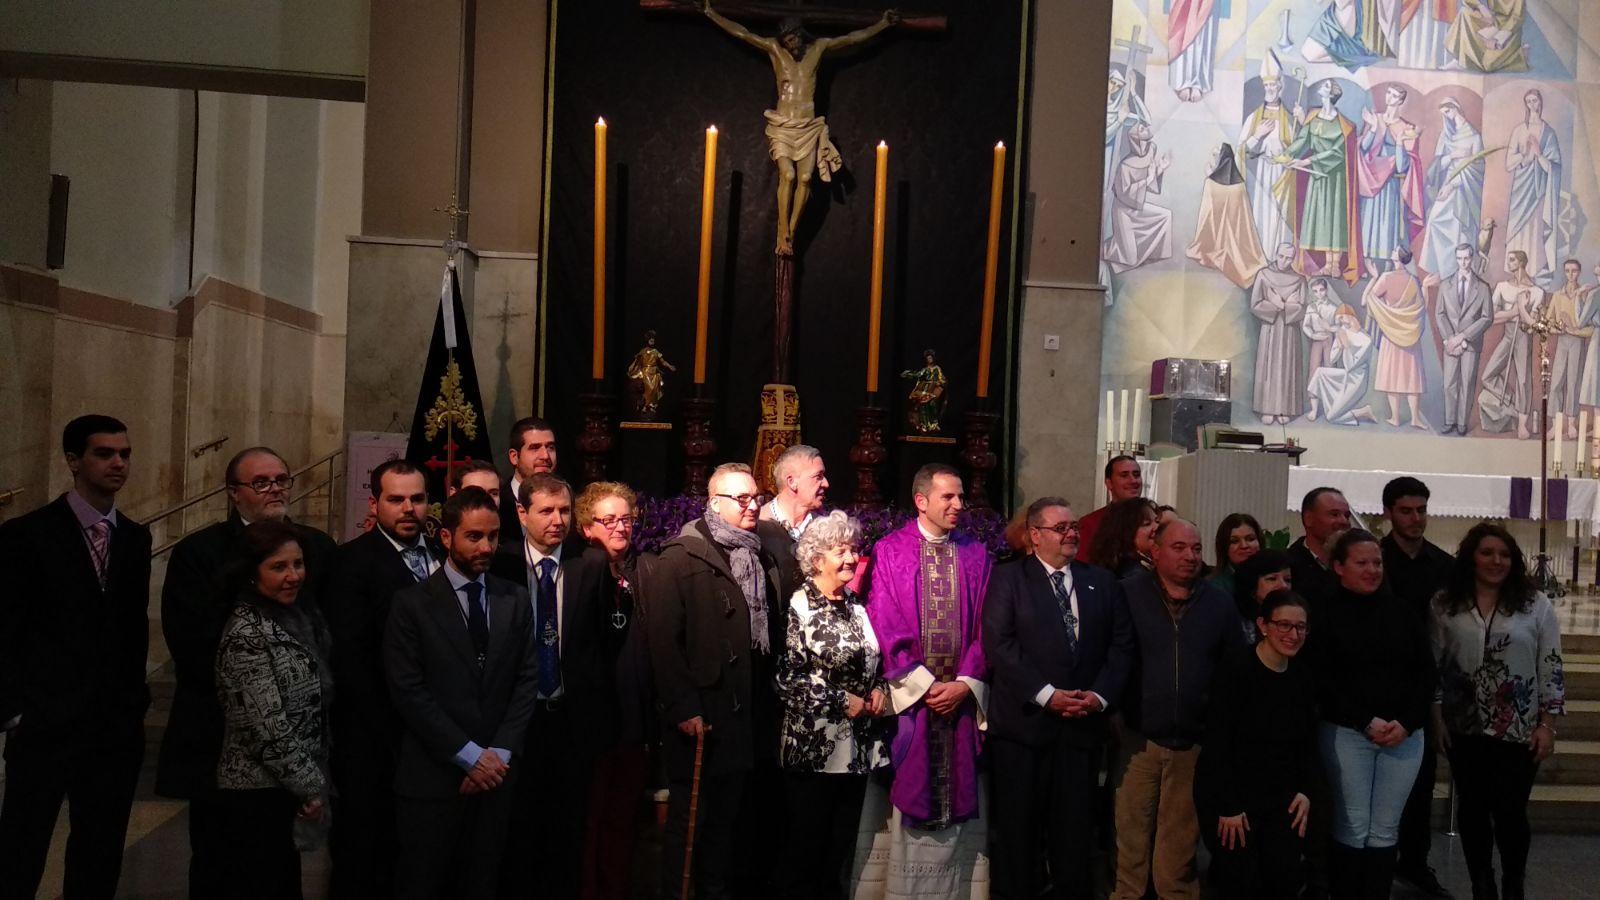 Procesión del Corpus Christi @ Santa Iglesia Catedral de Jaen | Jaén | Andalucía | España